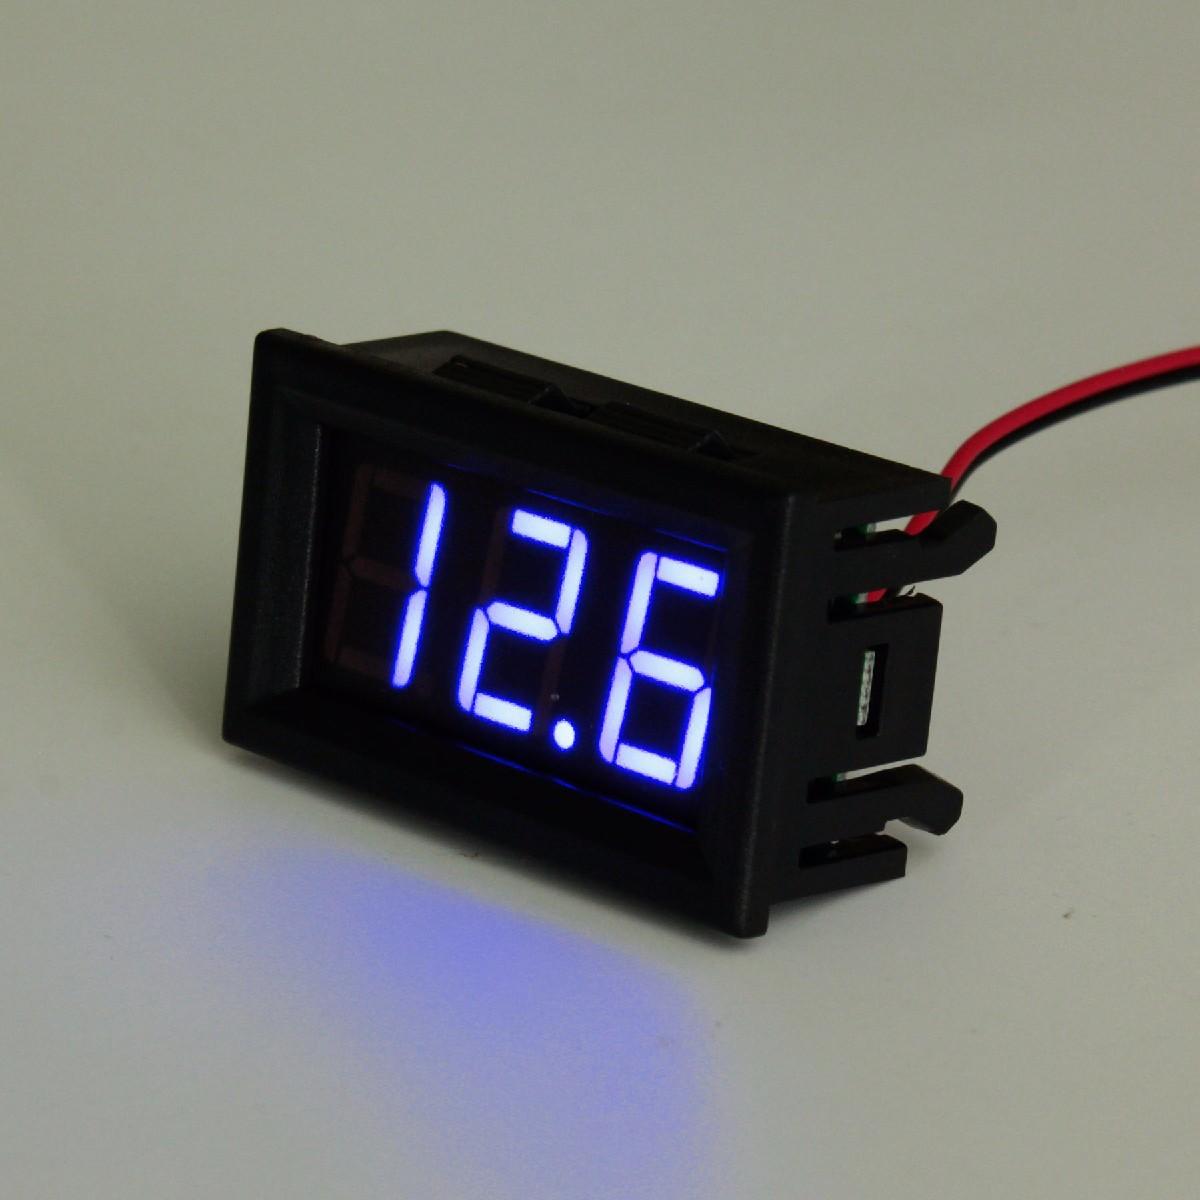 3-30V DC 0.56 Inch Voltage Meter Board LED Amp Digital Voltmeter Gauge